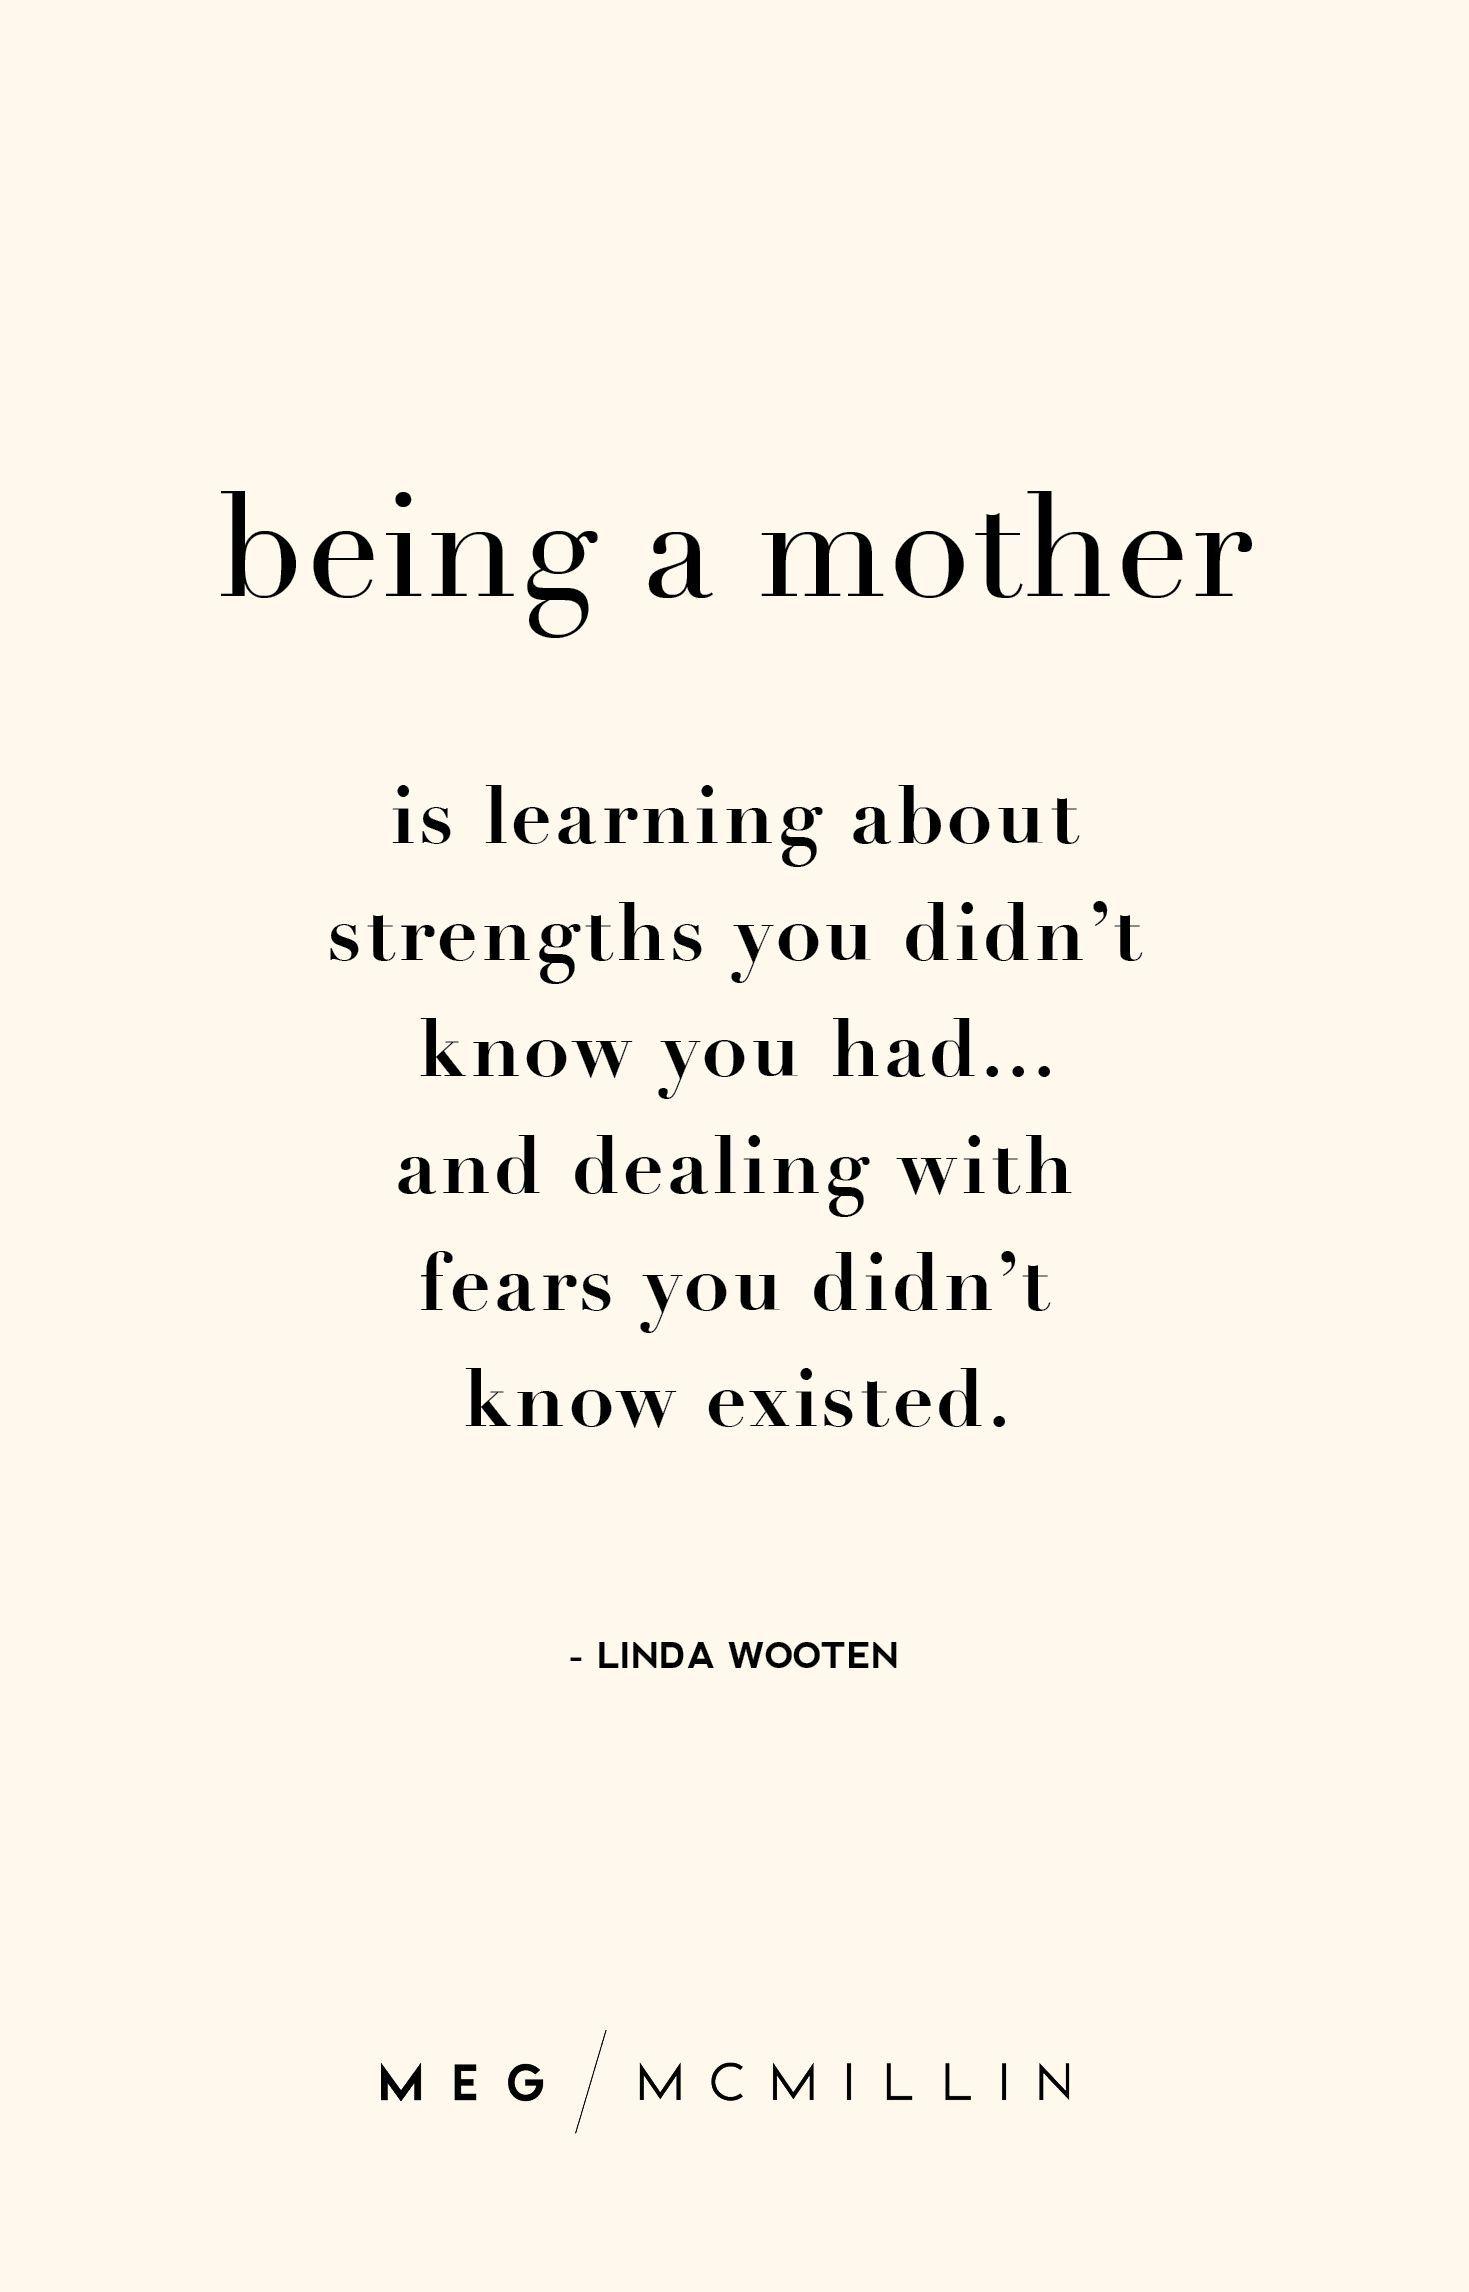 Inspiring Mcmillin Through Quotes Tough Mom Get You Day Meg To A10 Inspiring Mom Quotes To Get You Throug Mom Life Quotes New Mom Quotes Mom Quotes